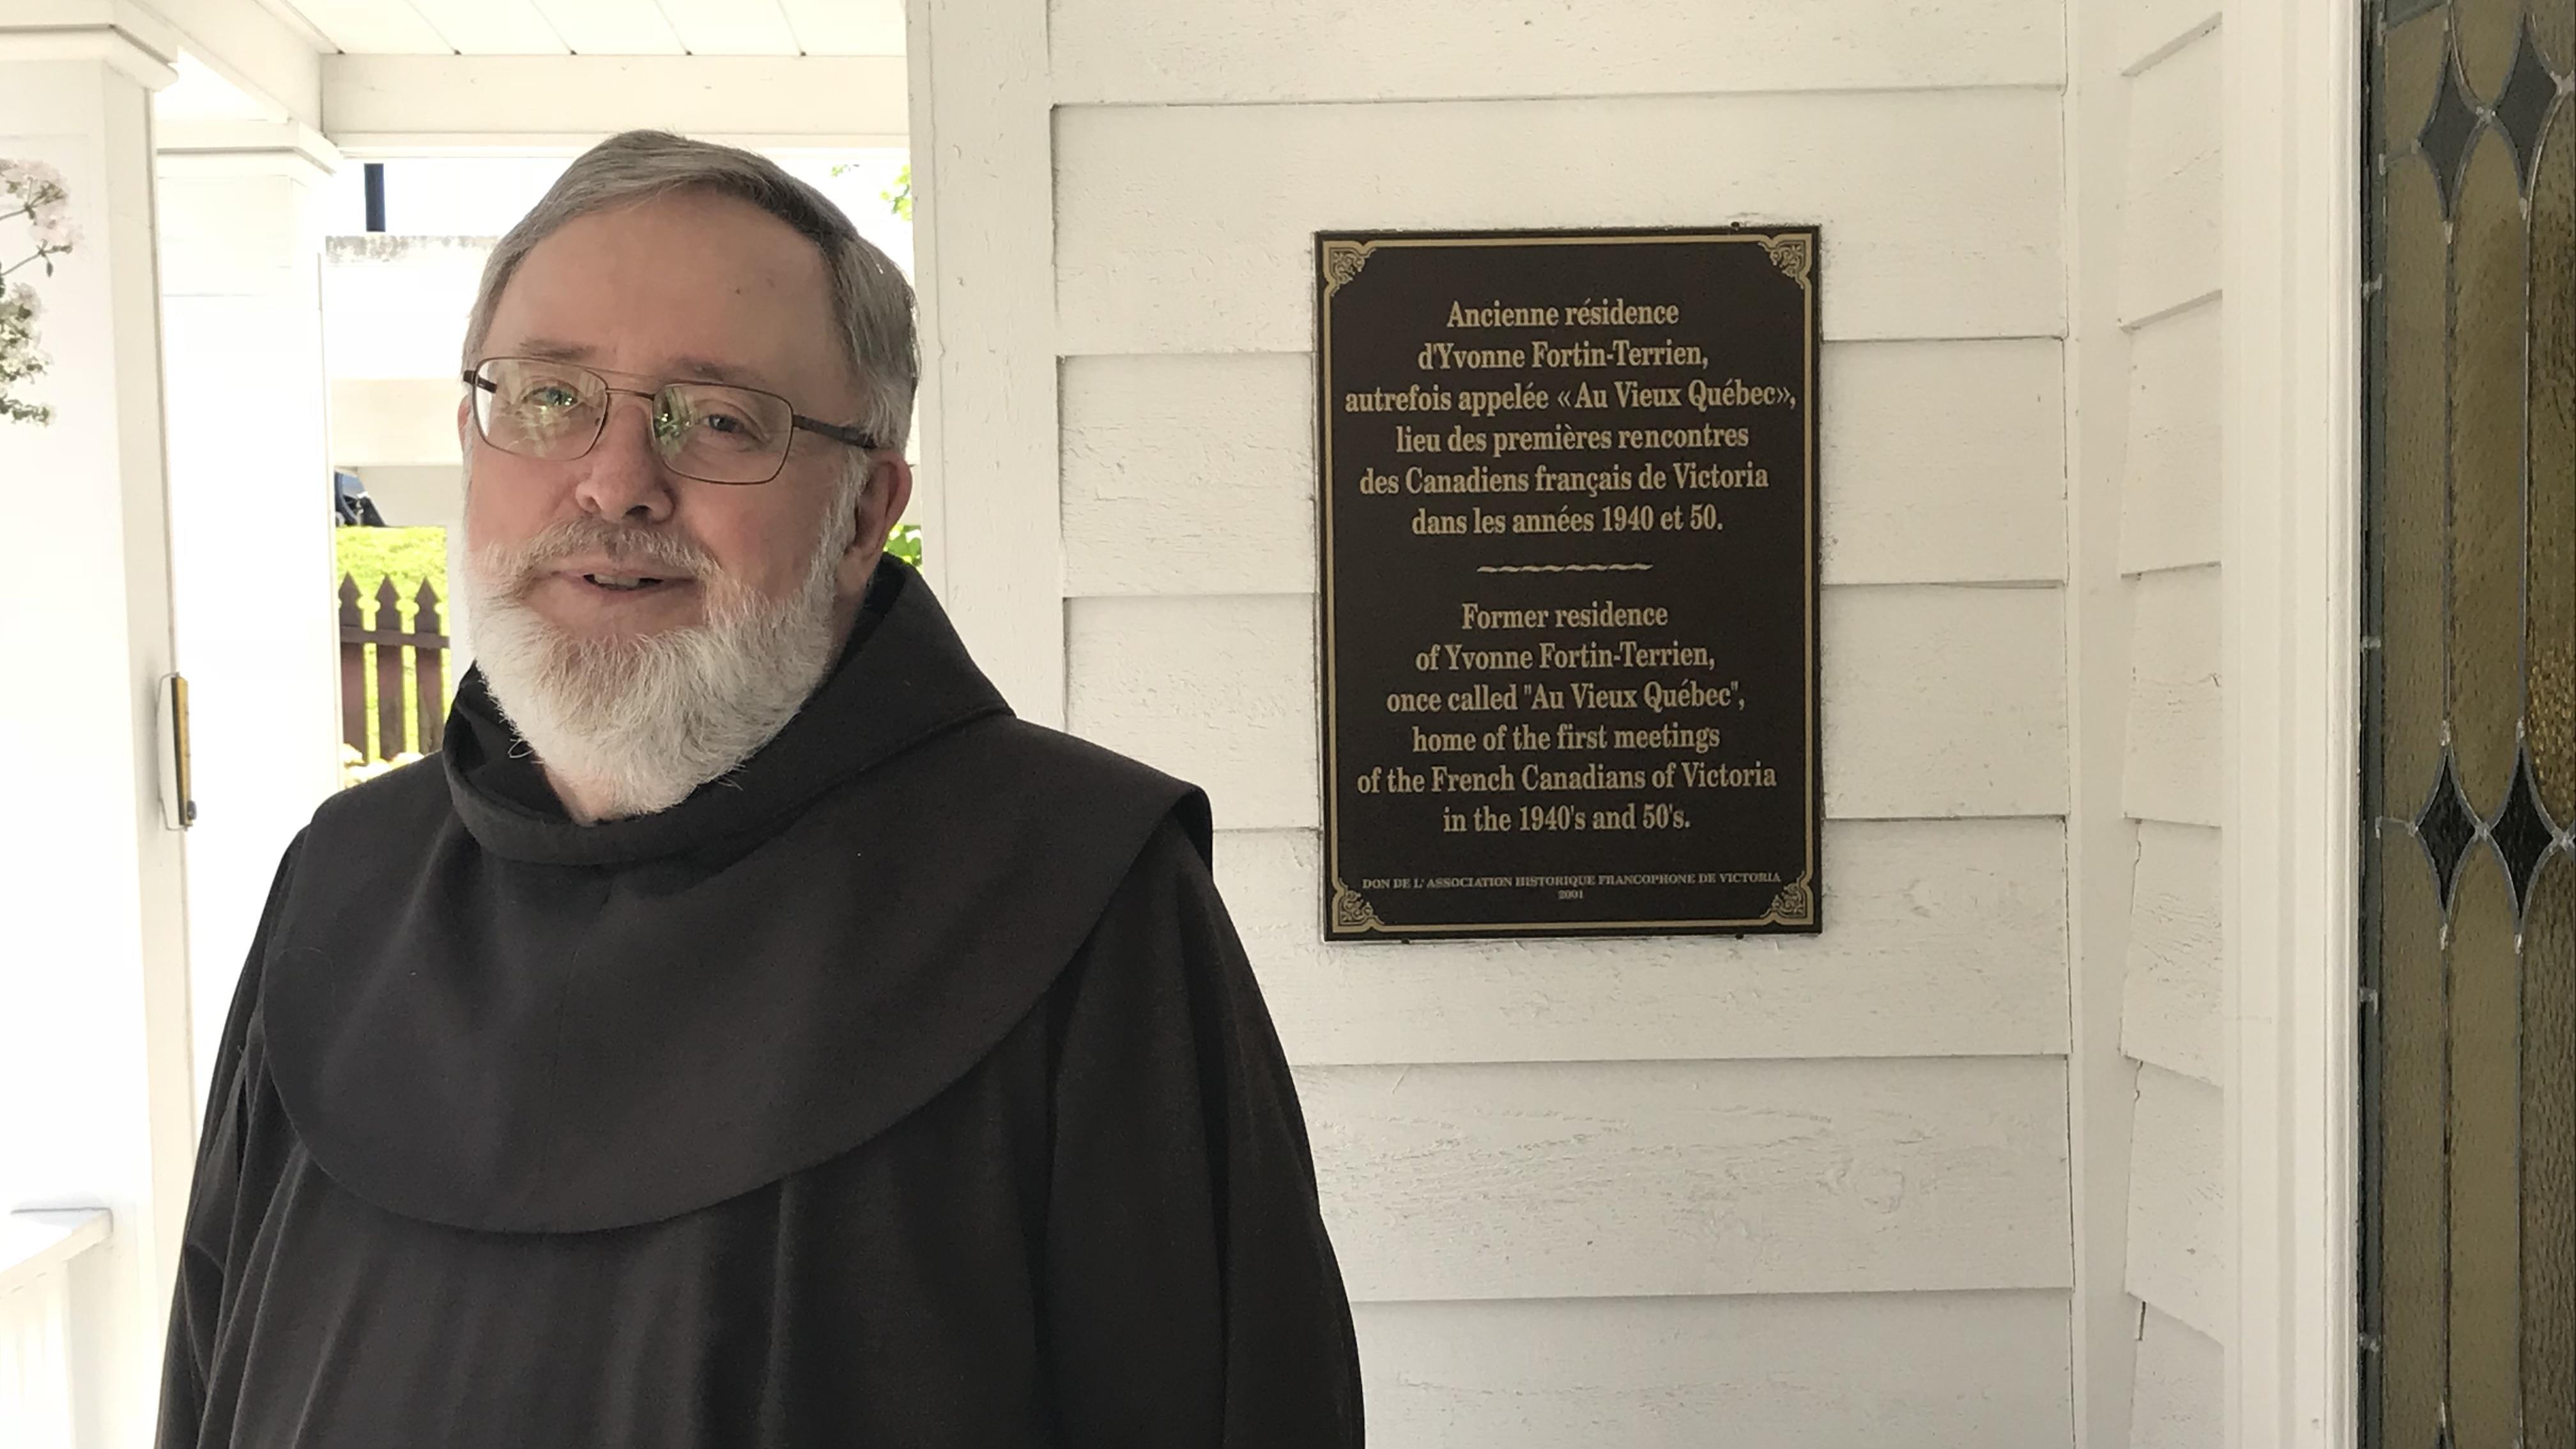 Jacques Cornet, frère franciscain de Victoria devant la Maison des Franciscains